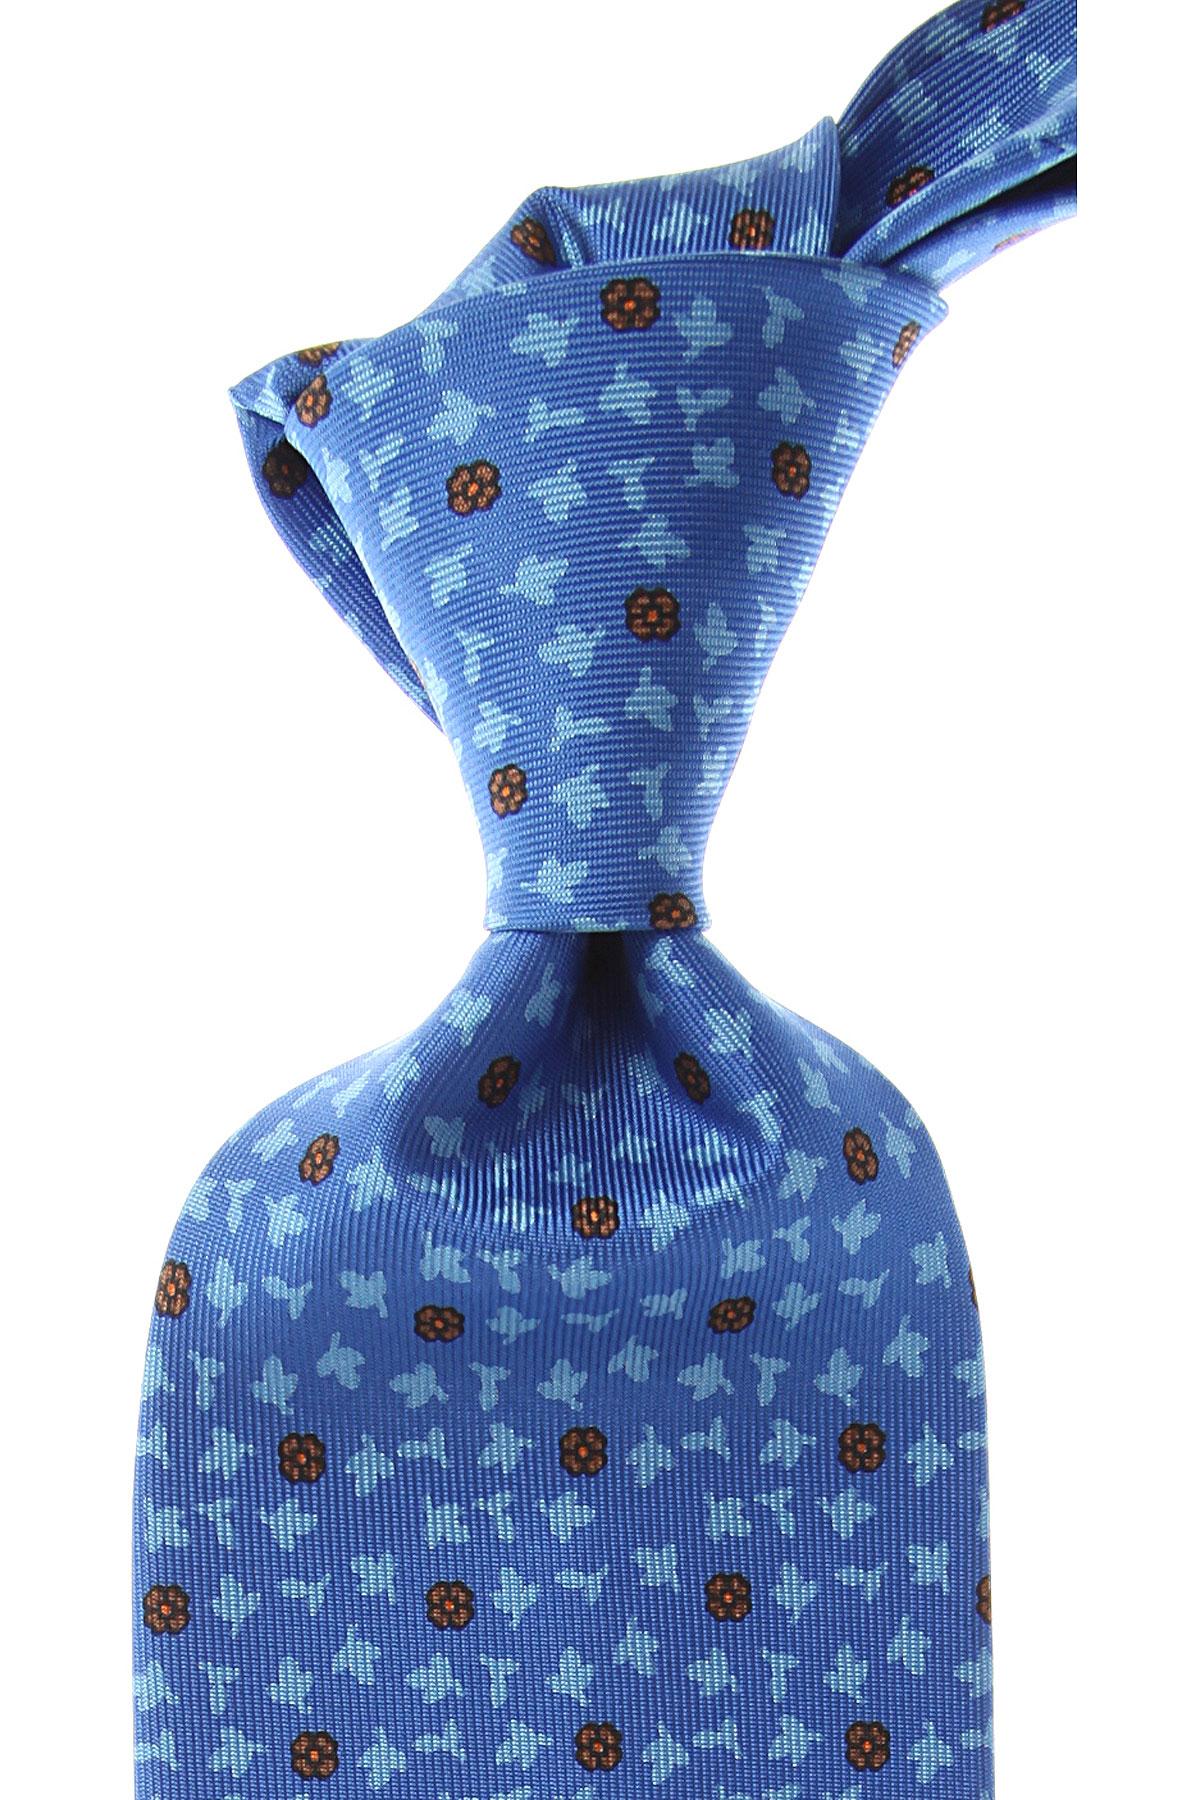 Marinella Cravates Pas cher en Soldes, Bleu ciel, Soie, 2017